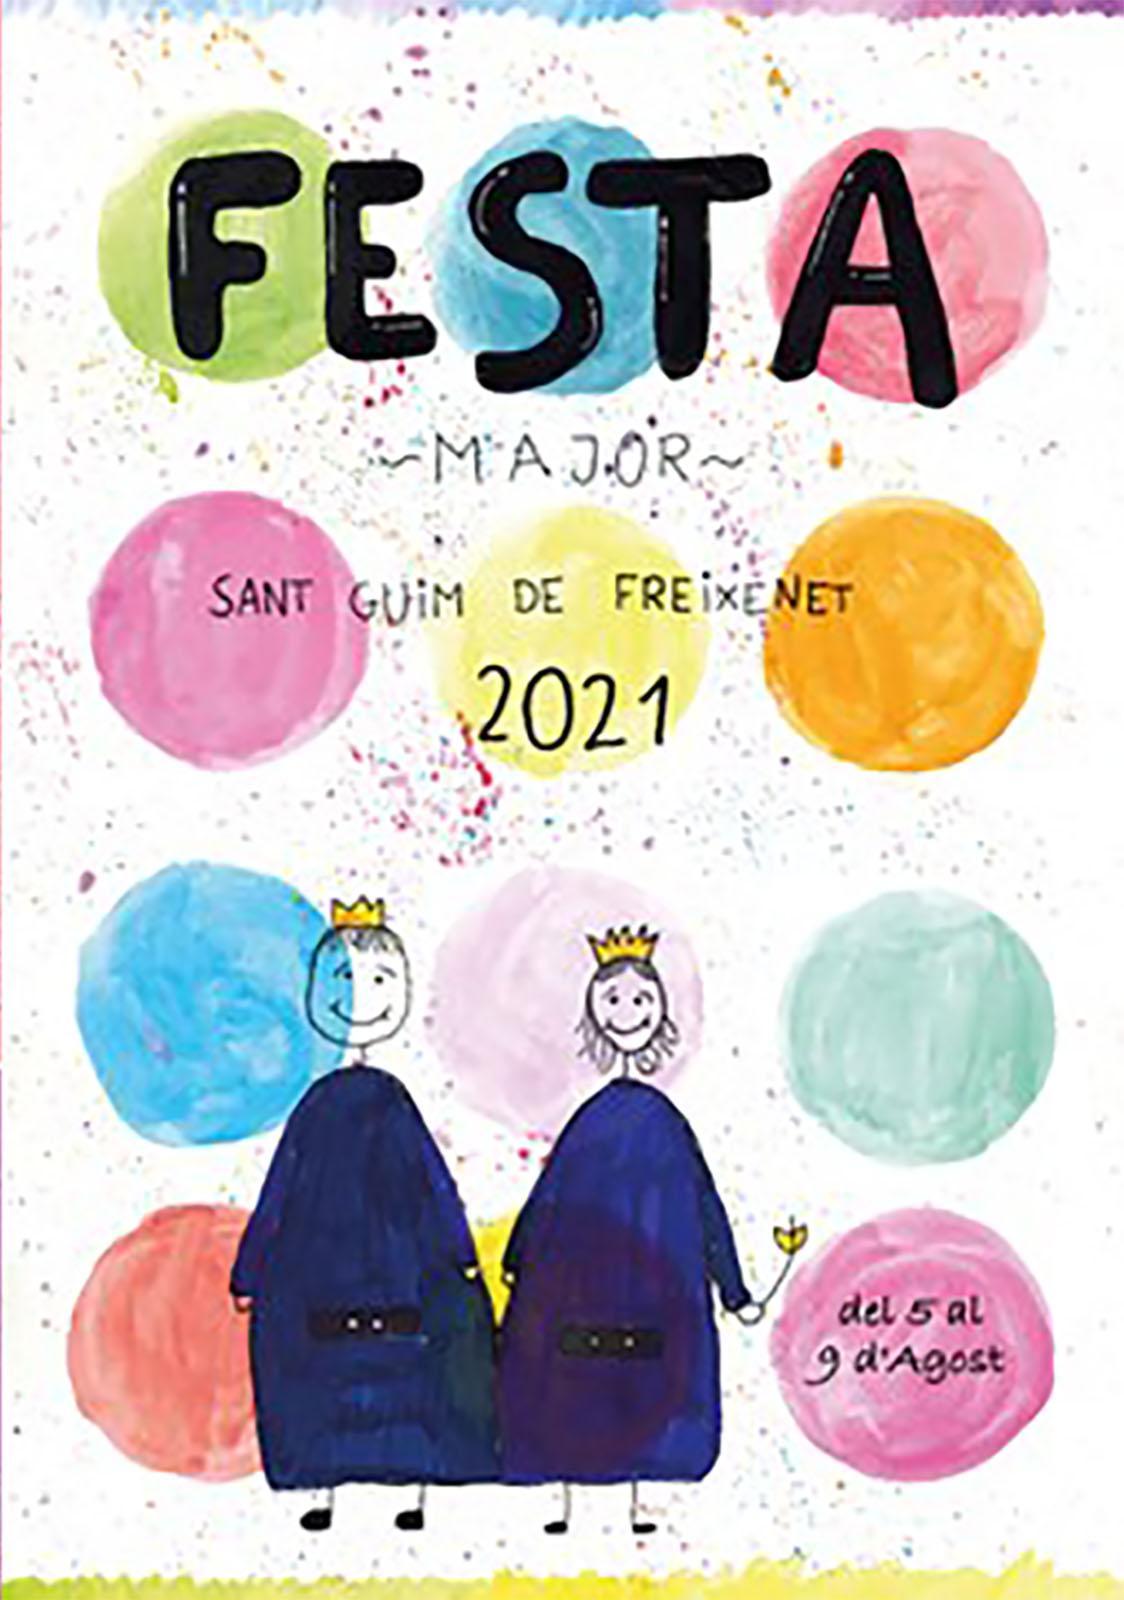 cartell Festa Major de Sant Guim de Freixenet 2021